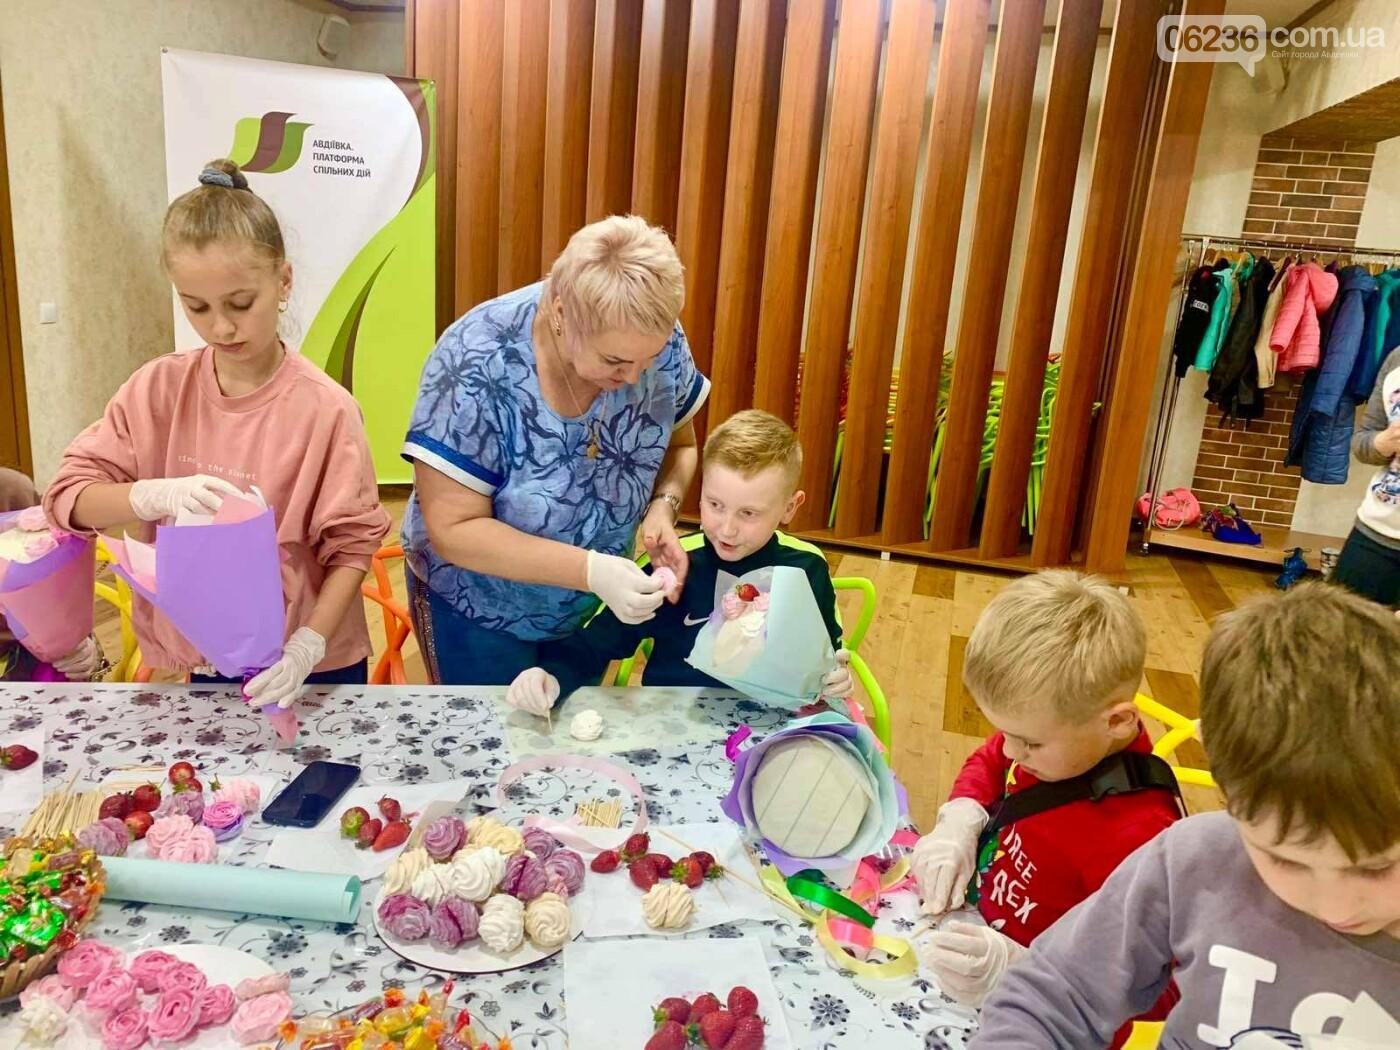 Зефирные букеты и вкусные подарки: на «Платформе» снова праздник для ребятишек, фото-2